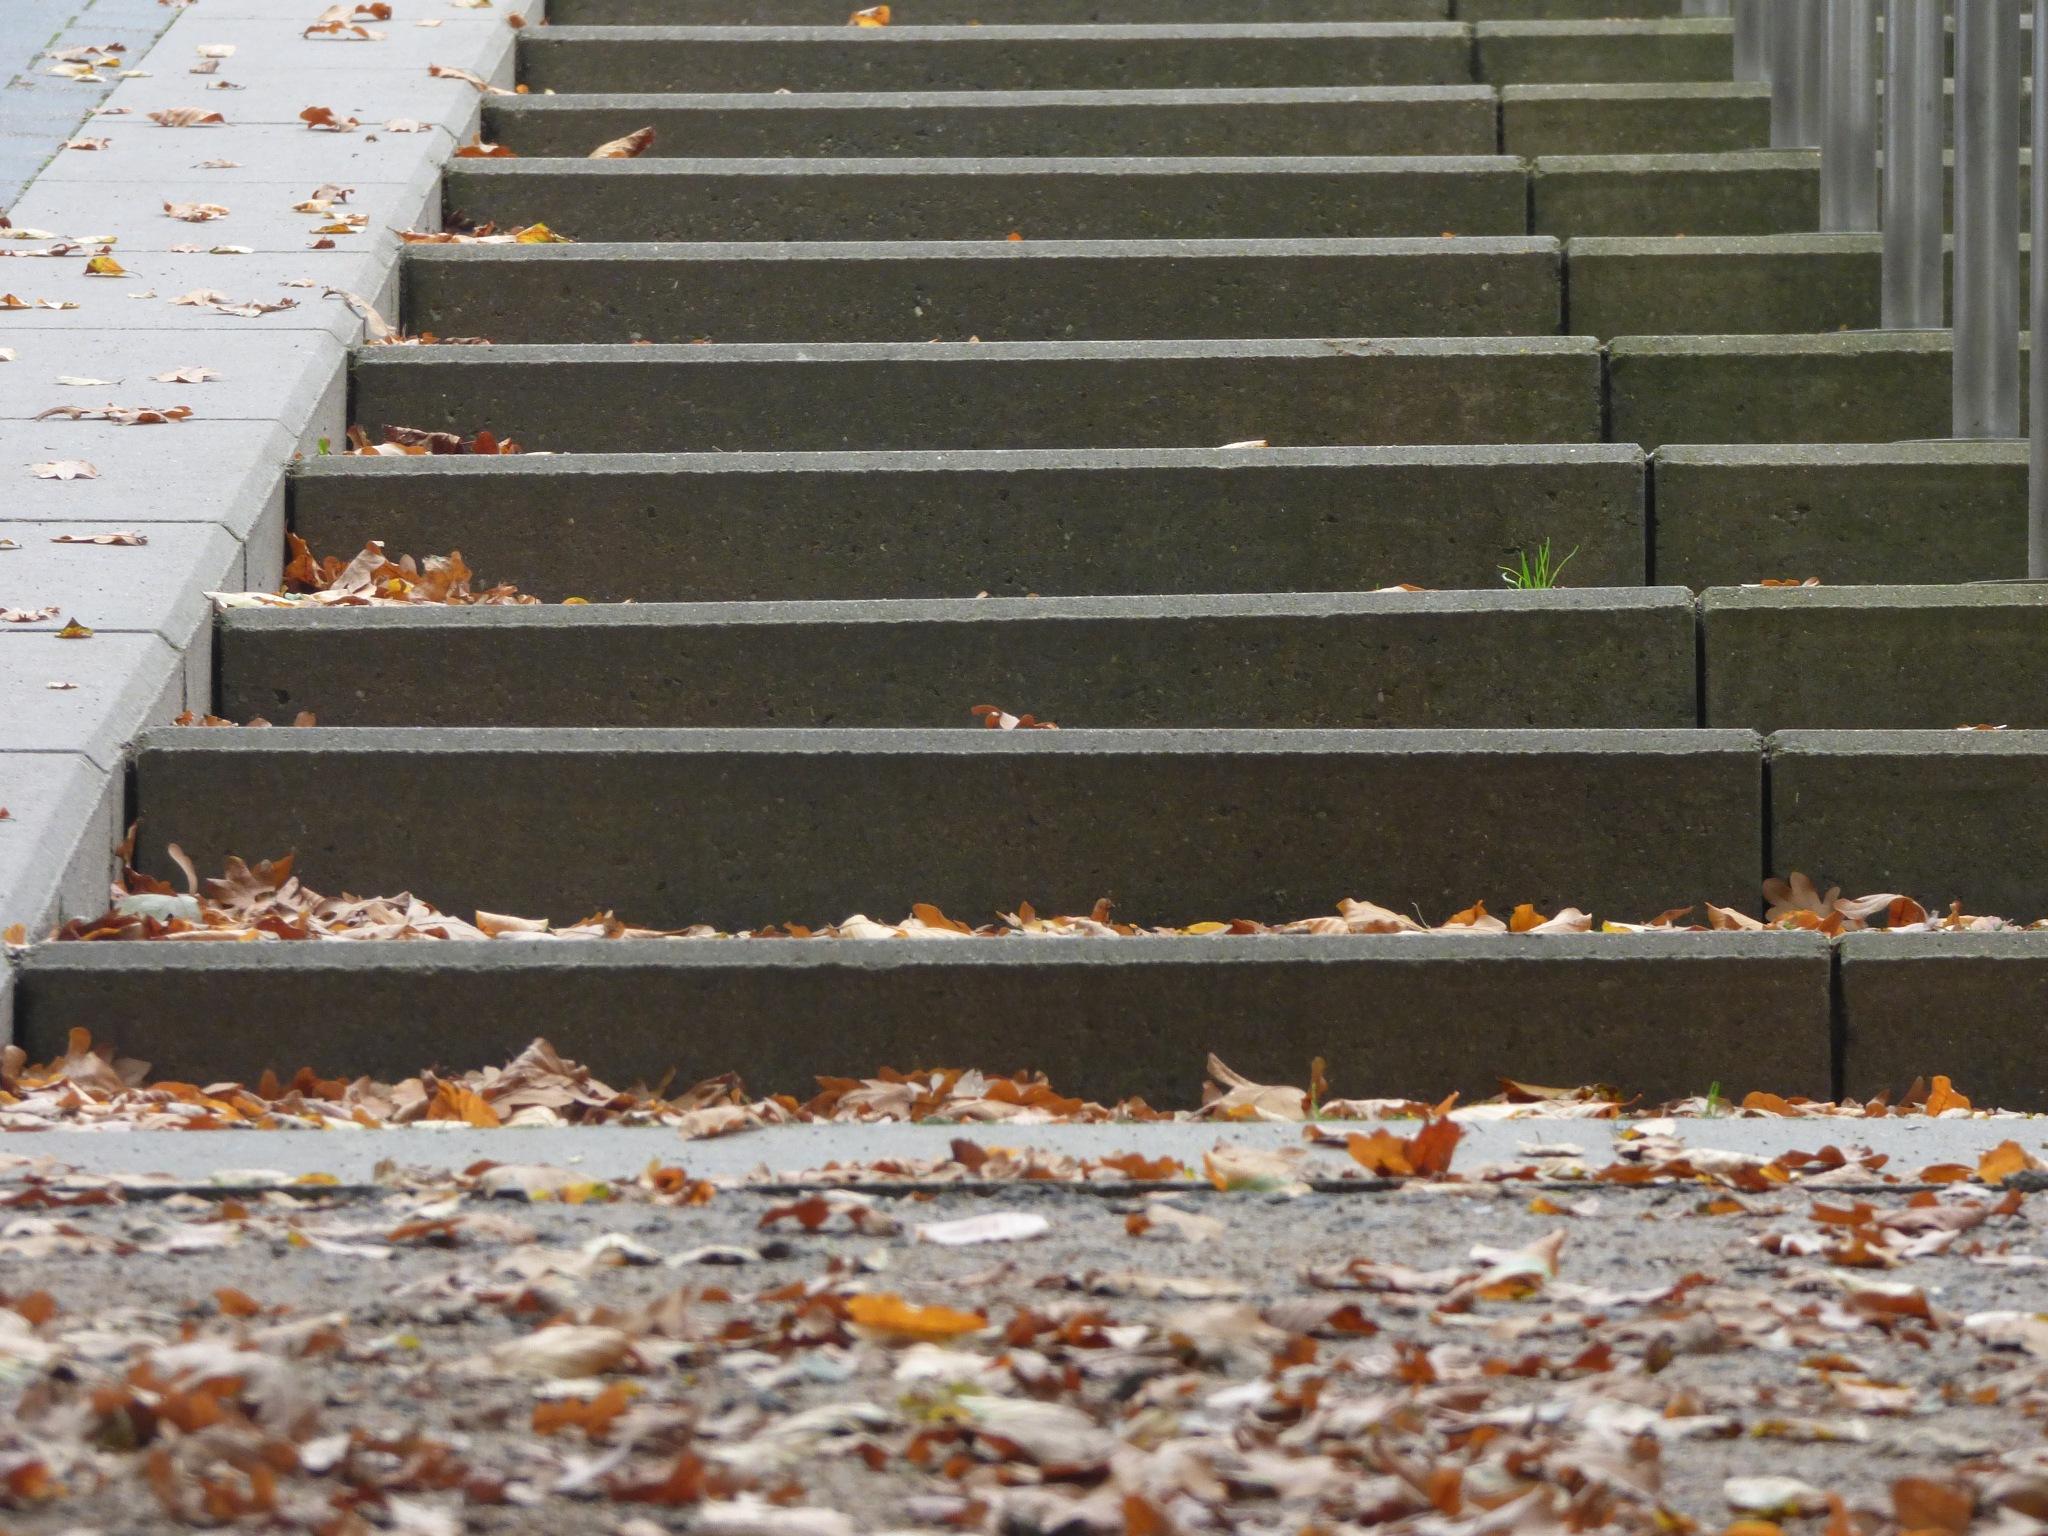 Herbst und Treppe  by Karim Marawe